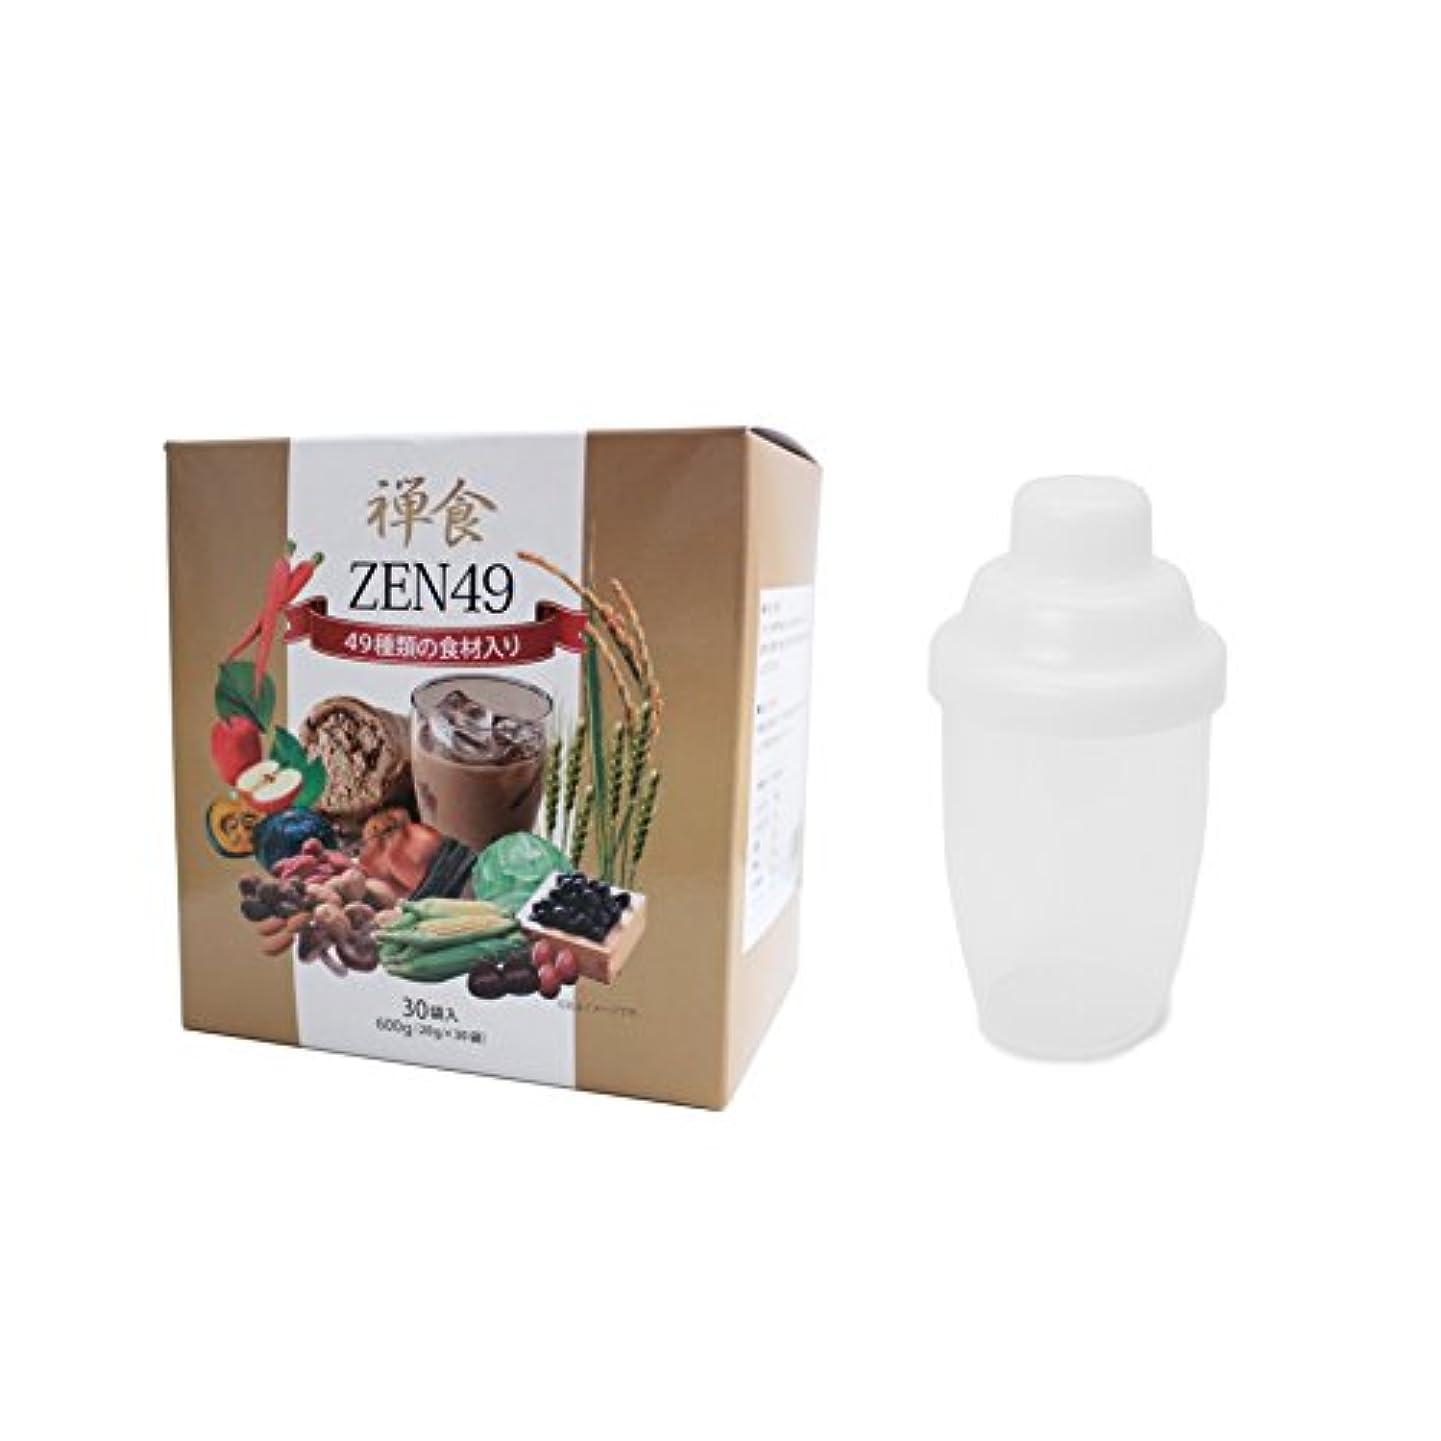 叙情的な会社鉱石禅食ZEN49 便利なシェイカーセット